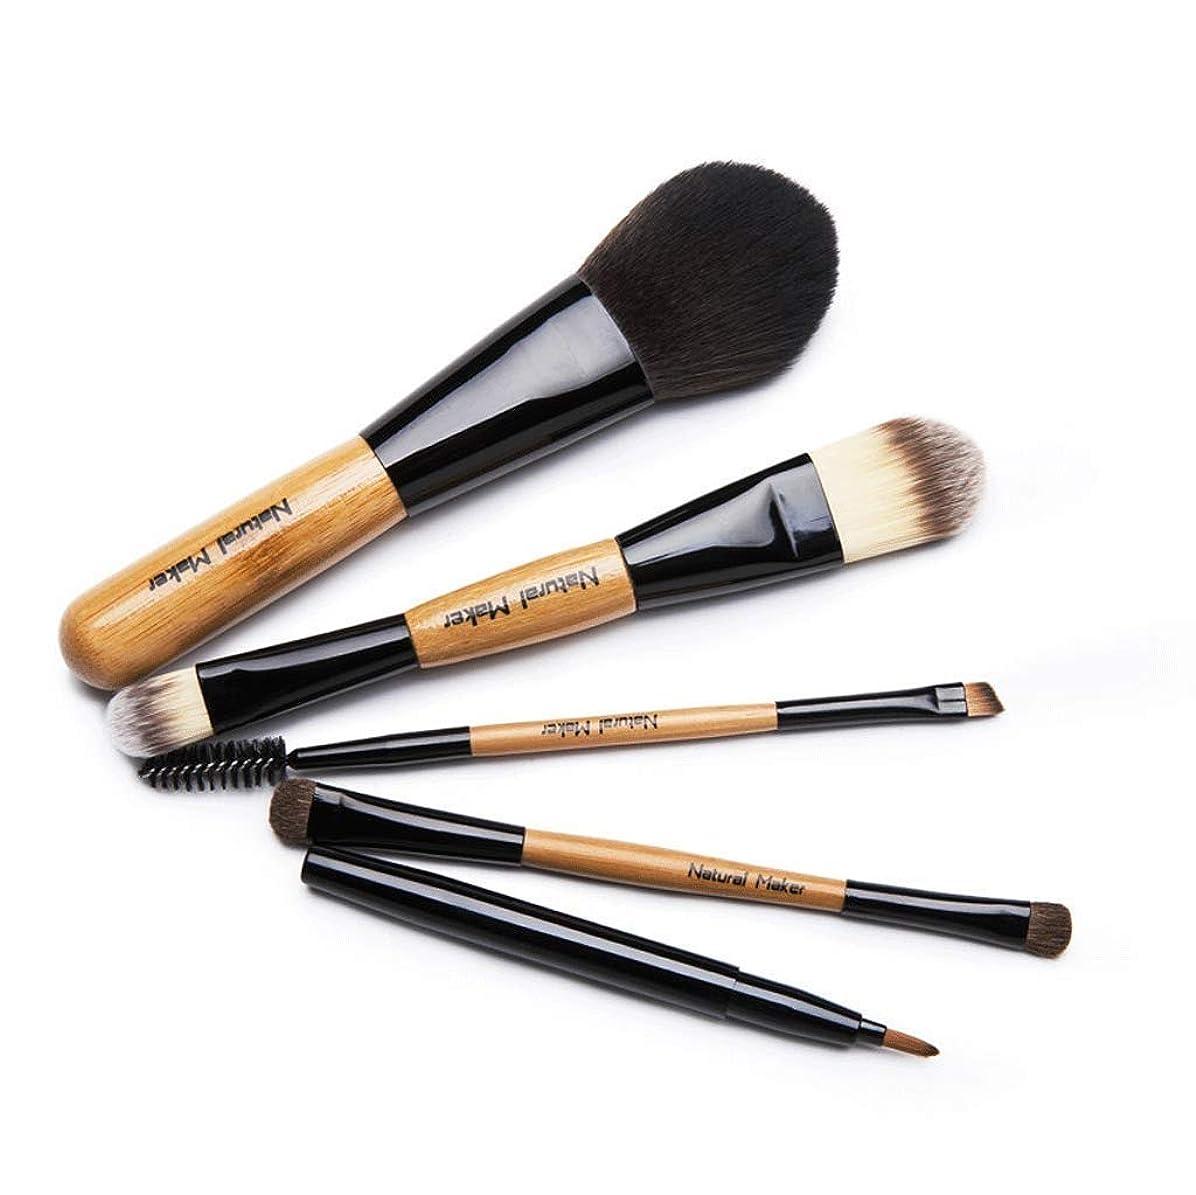 どちらも電気的利得MAKE-UP BRUSHES HOME 化粧ブラシ5ピース化粧品キット、アイブロウアイシャドウブラシ化粧ブラシポータブルセットツール